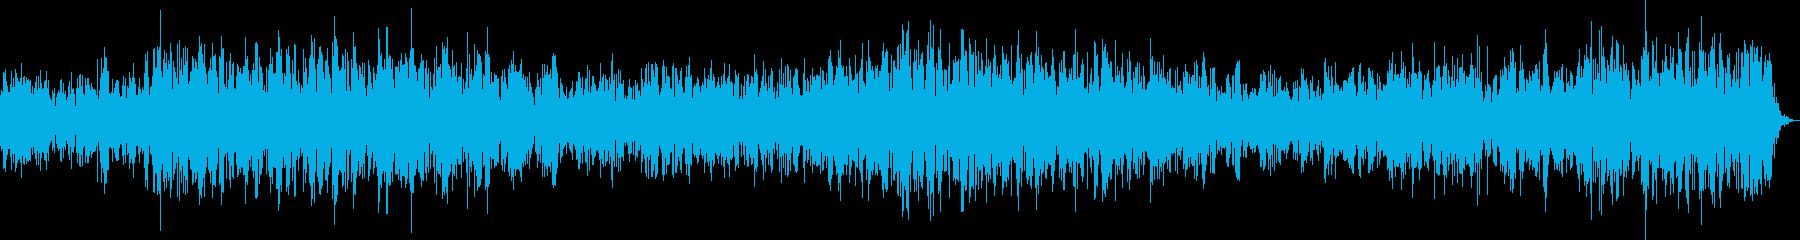 AMGその他FX01の再生済みの波形